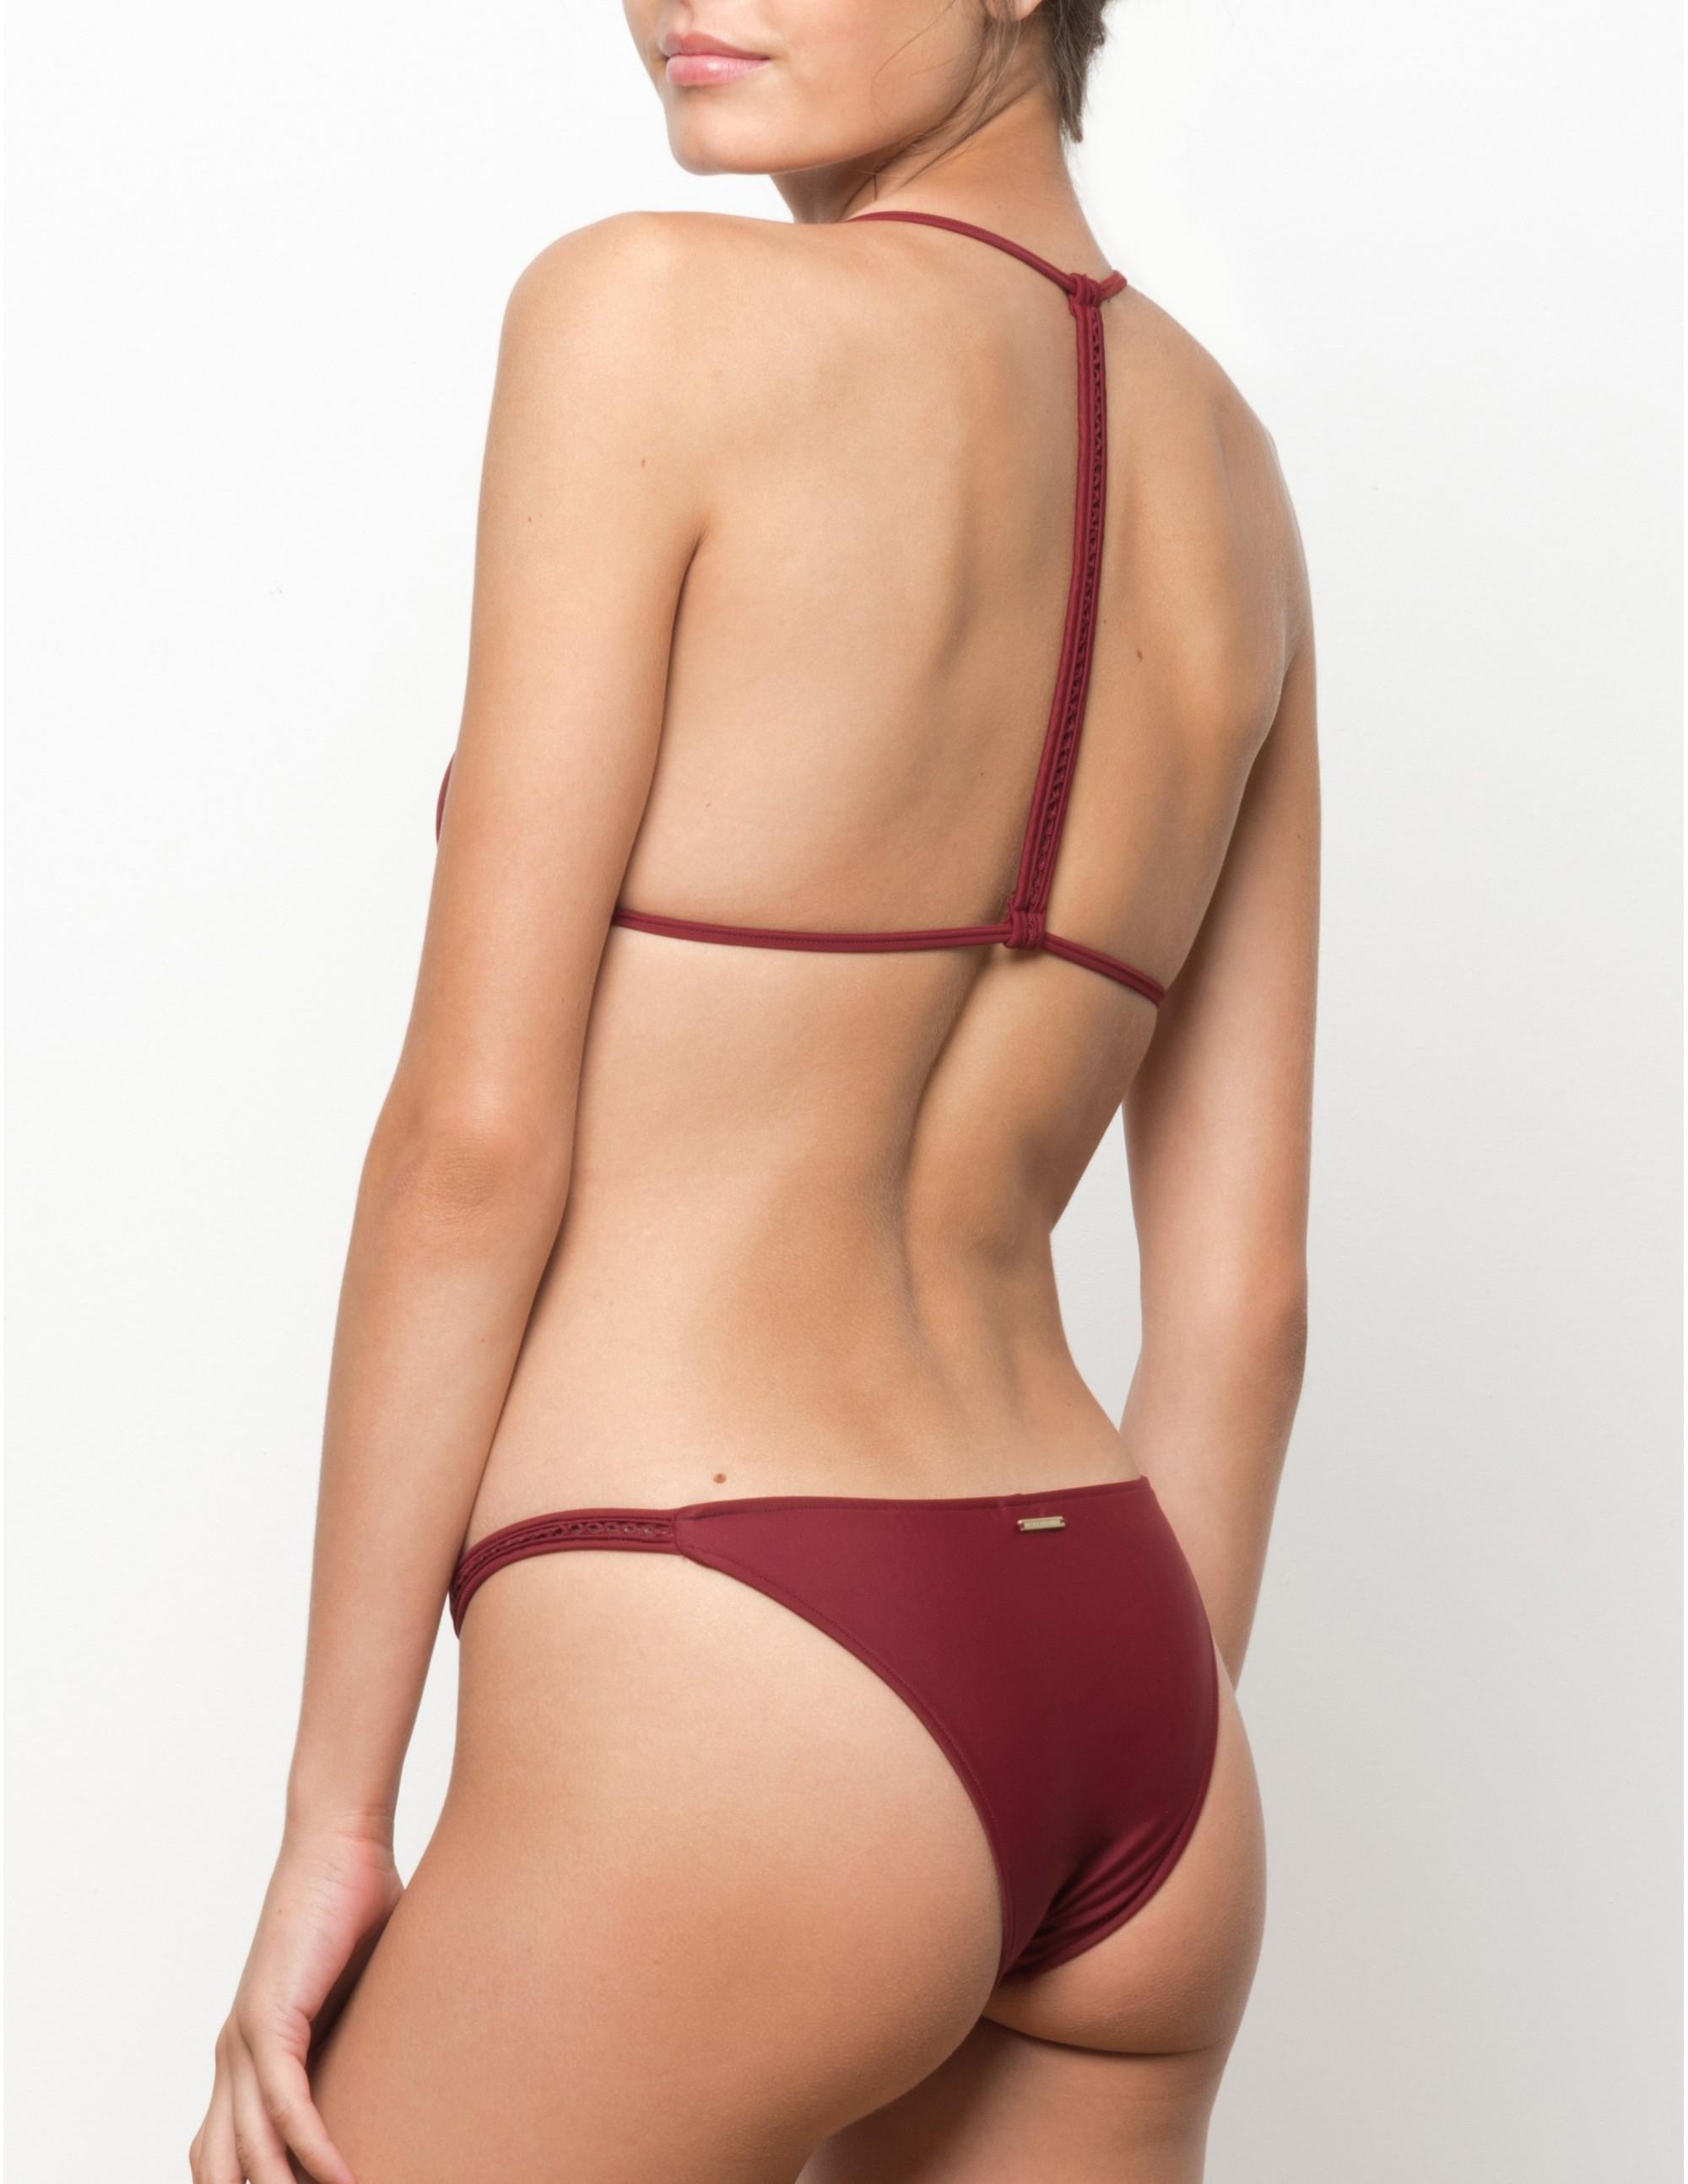 ANAMUR bikini top - MASAAI